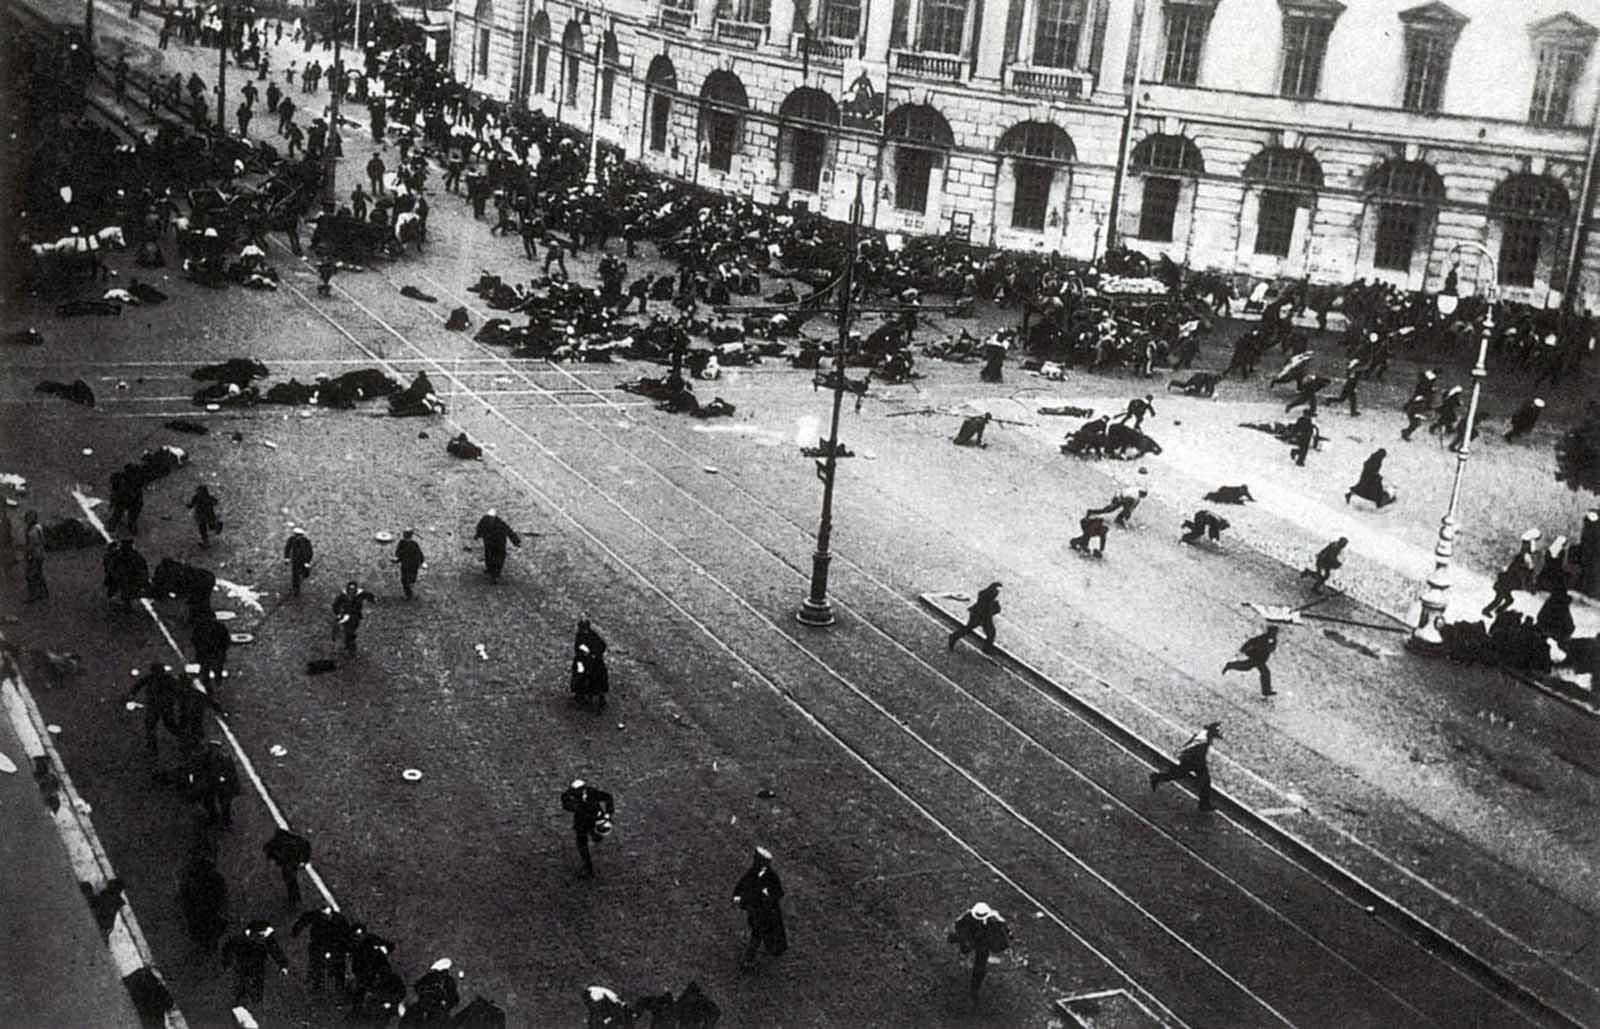 Невский проспект 17 июля 1917 года.